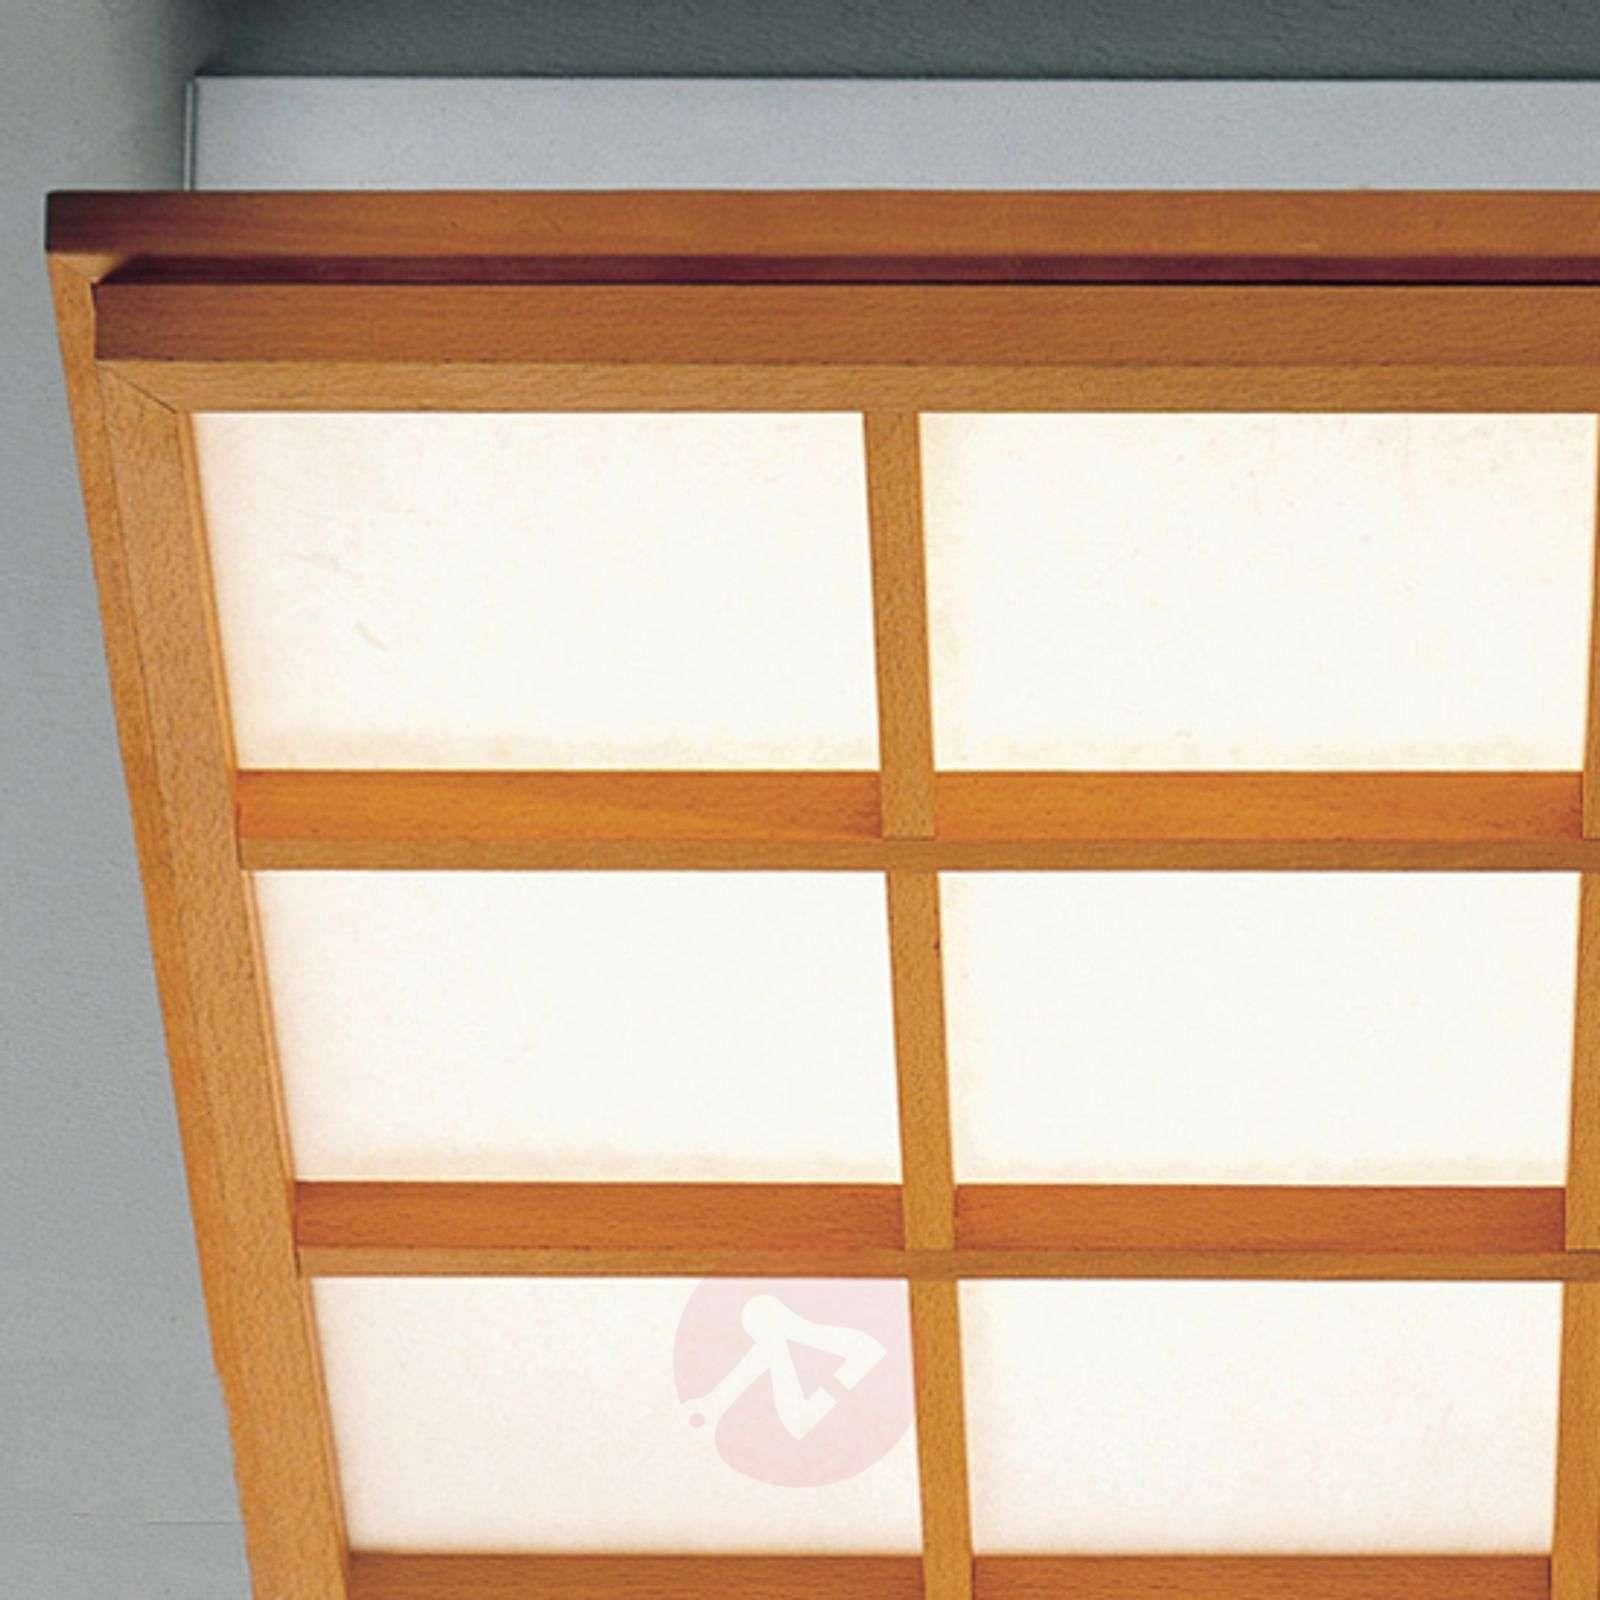 Pyökkipuinen kattolamppu Kioto9 led-lampulla-2600513-01